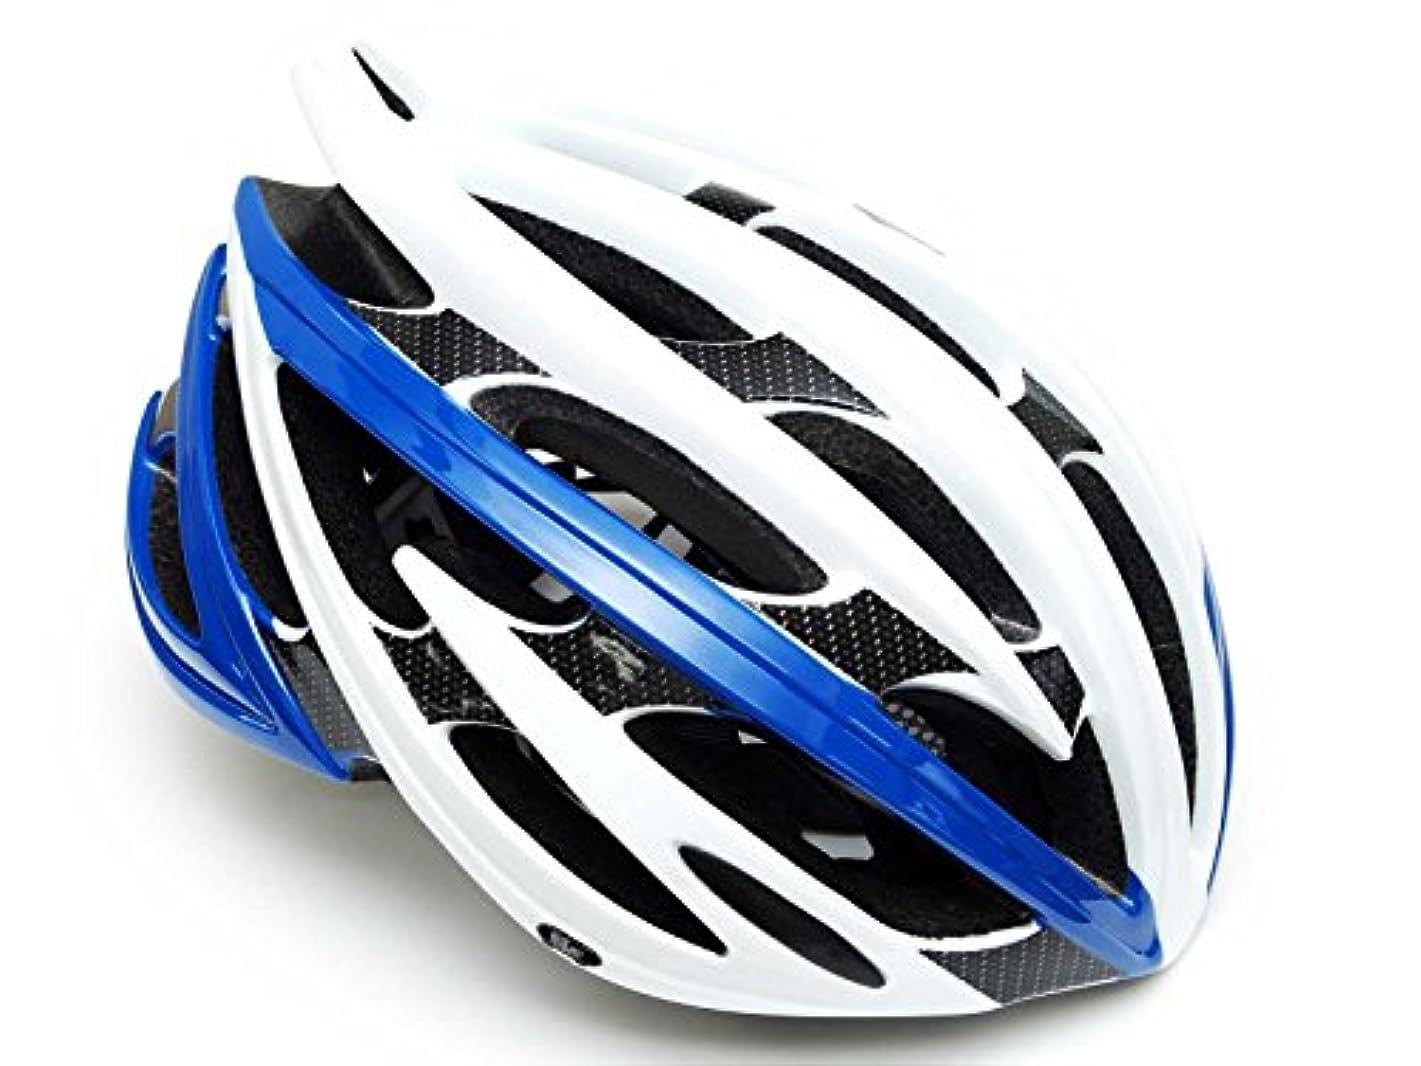 完璧間隔貸し手LEDスポーツヘルメット Lサイズ #3169